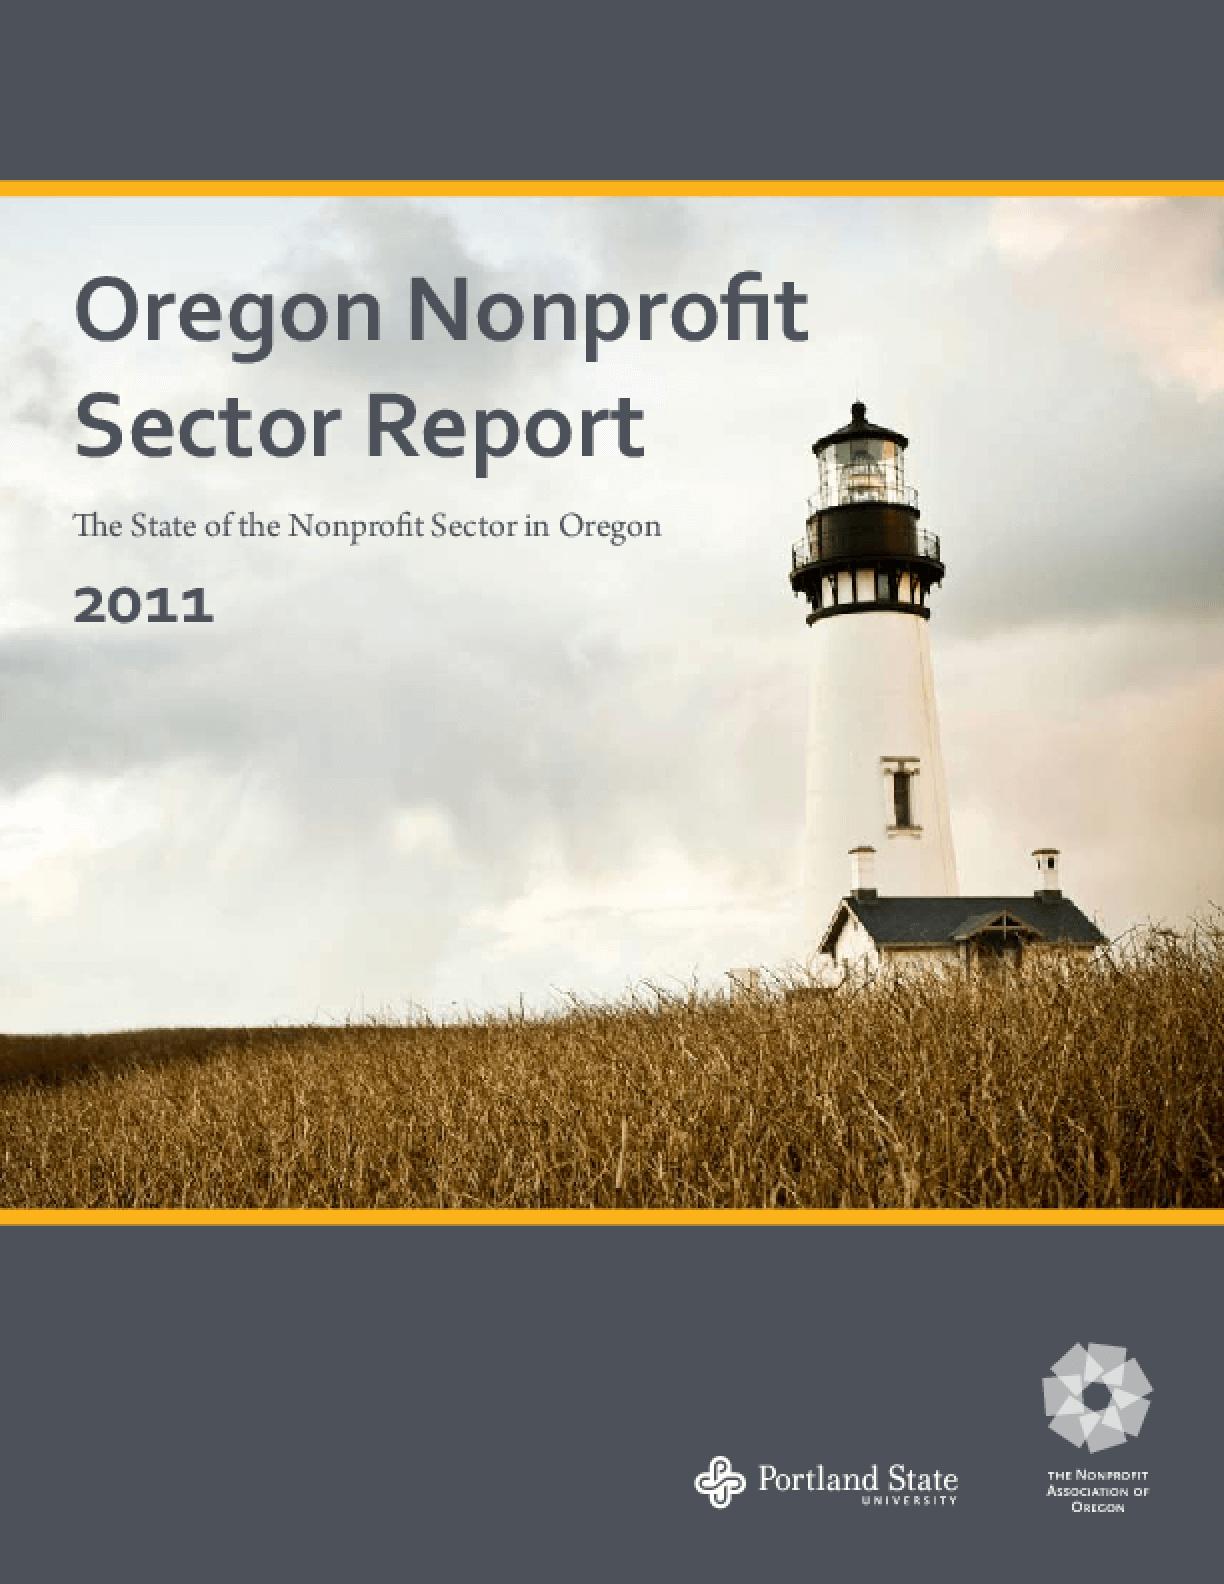 Oregon Nonprofit Sector Report